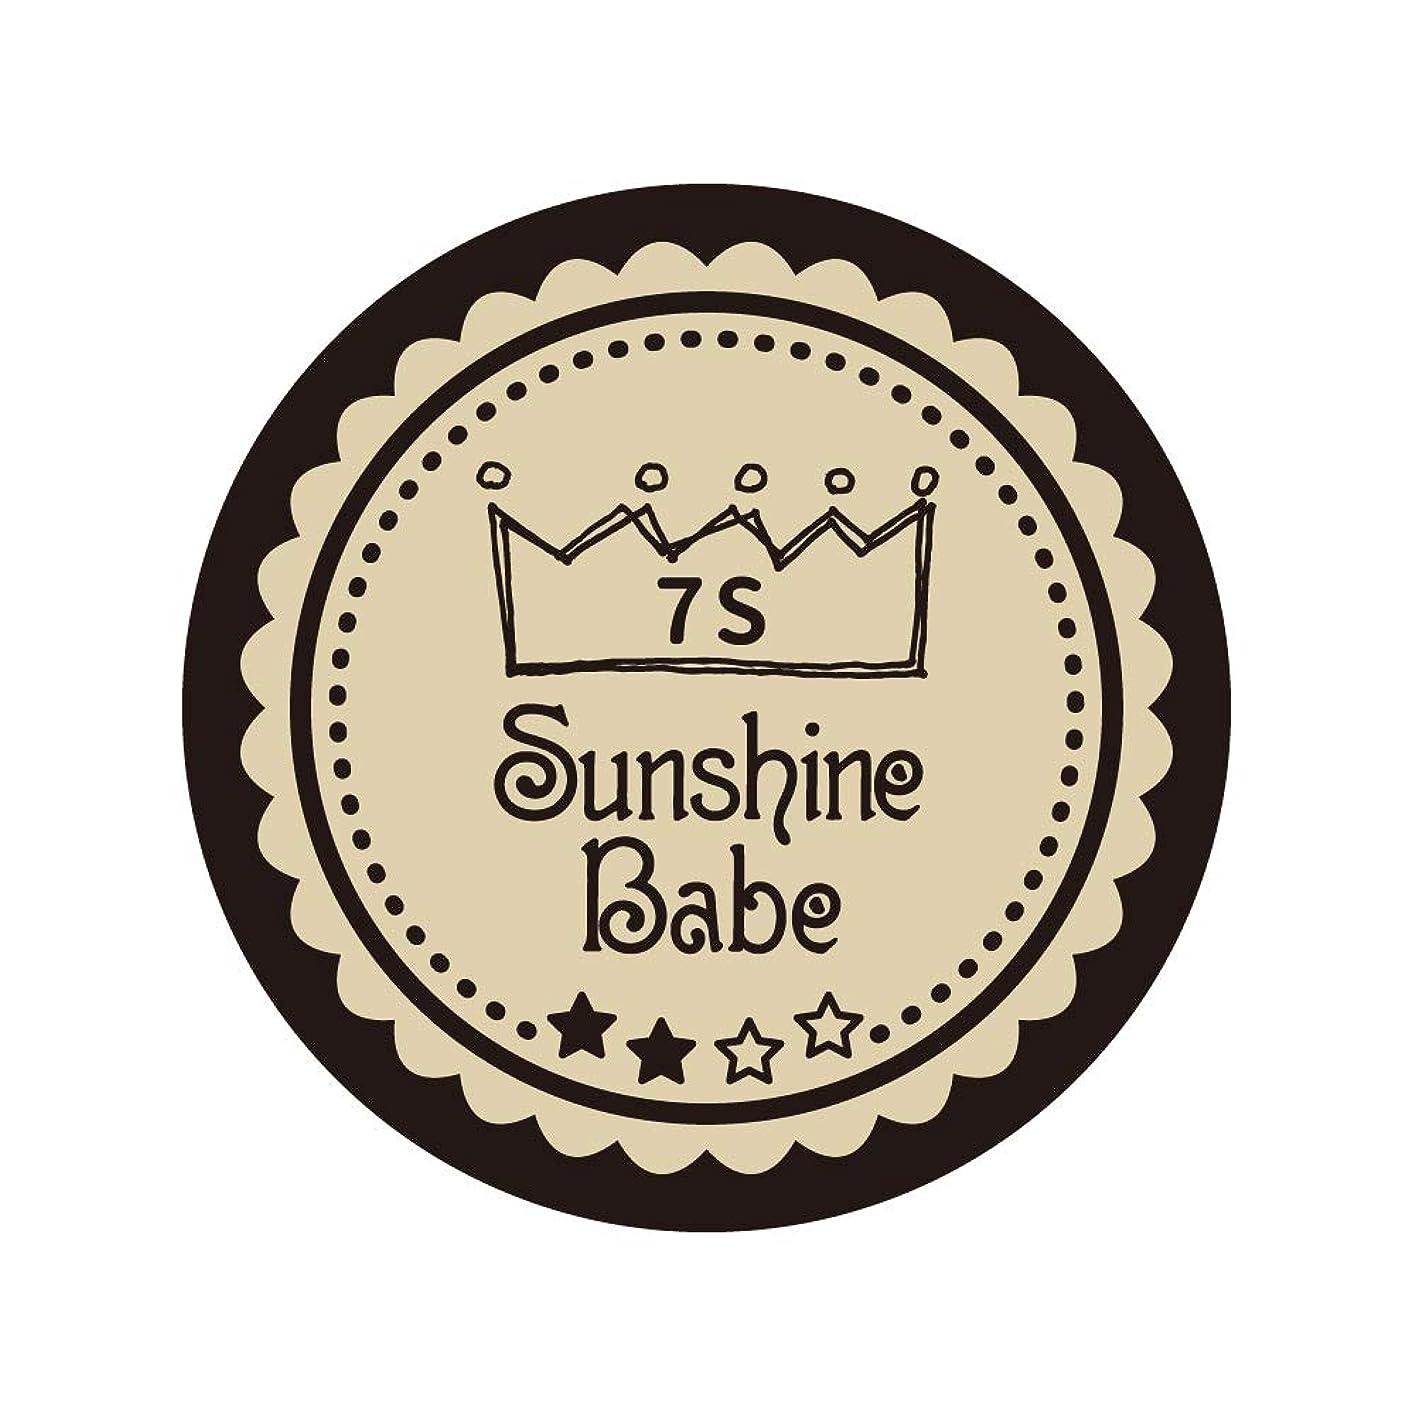 印象柔らかさ修理可能Sunshine Babe カラージェル 7S ウォームサンド 2.7g UV/LED対応